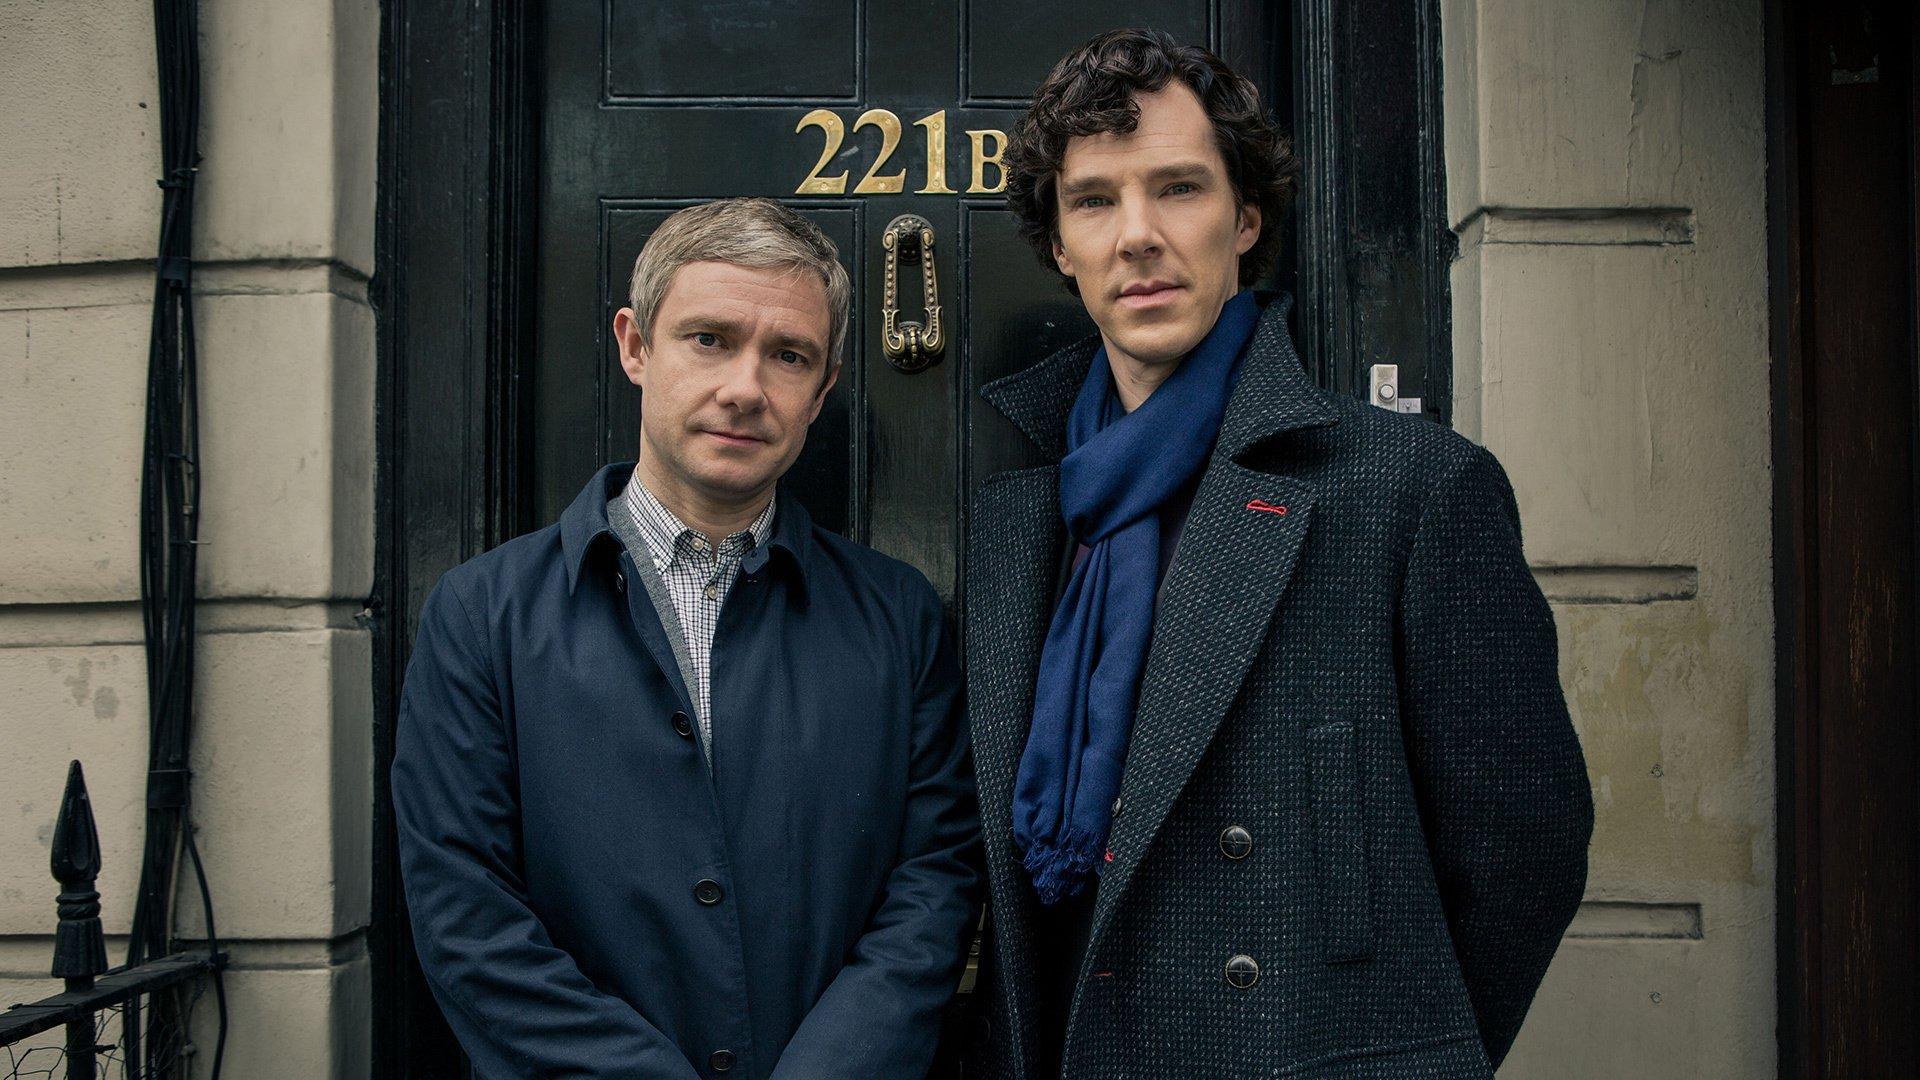 Шерлок Холмс и Доктор Ватсон в исполнении Бенедикта Камбербэтча и Мартина Фримана